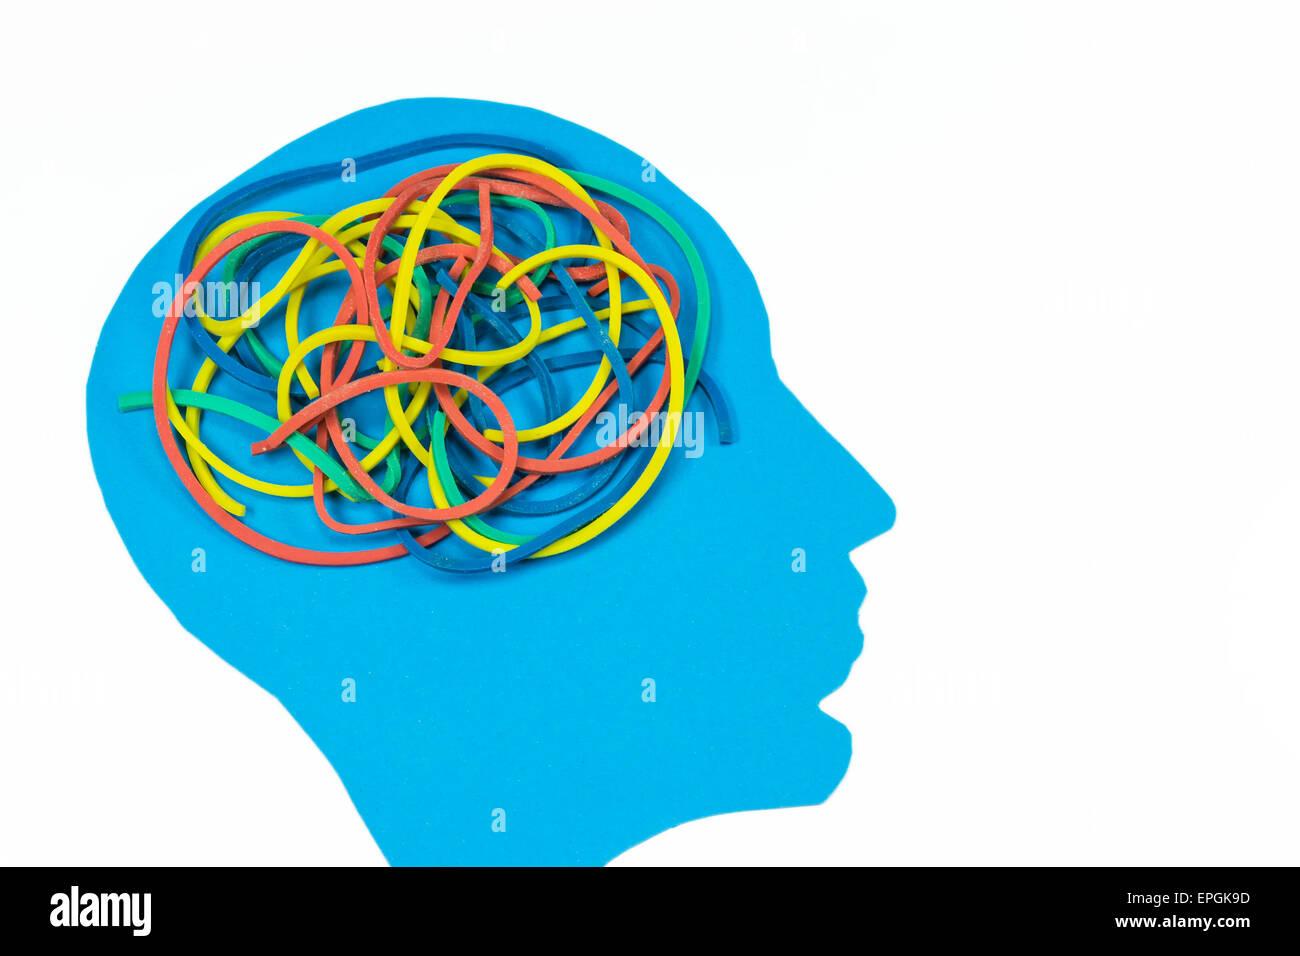 Forme bleue d'une tête humaine avec des élastiques de couleur emmêlés , concept pour la Photo Stock